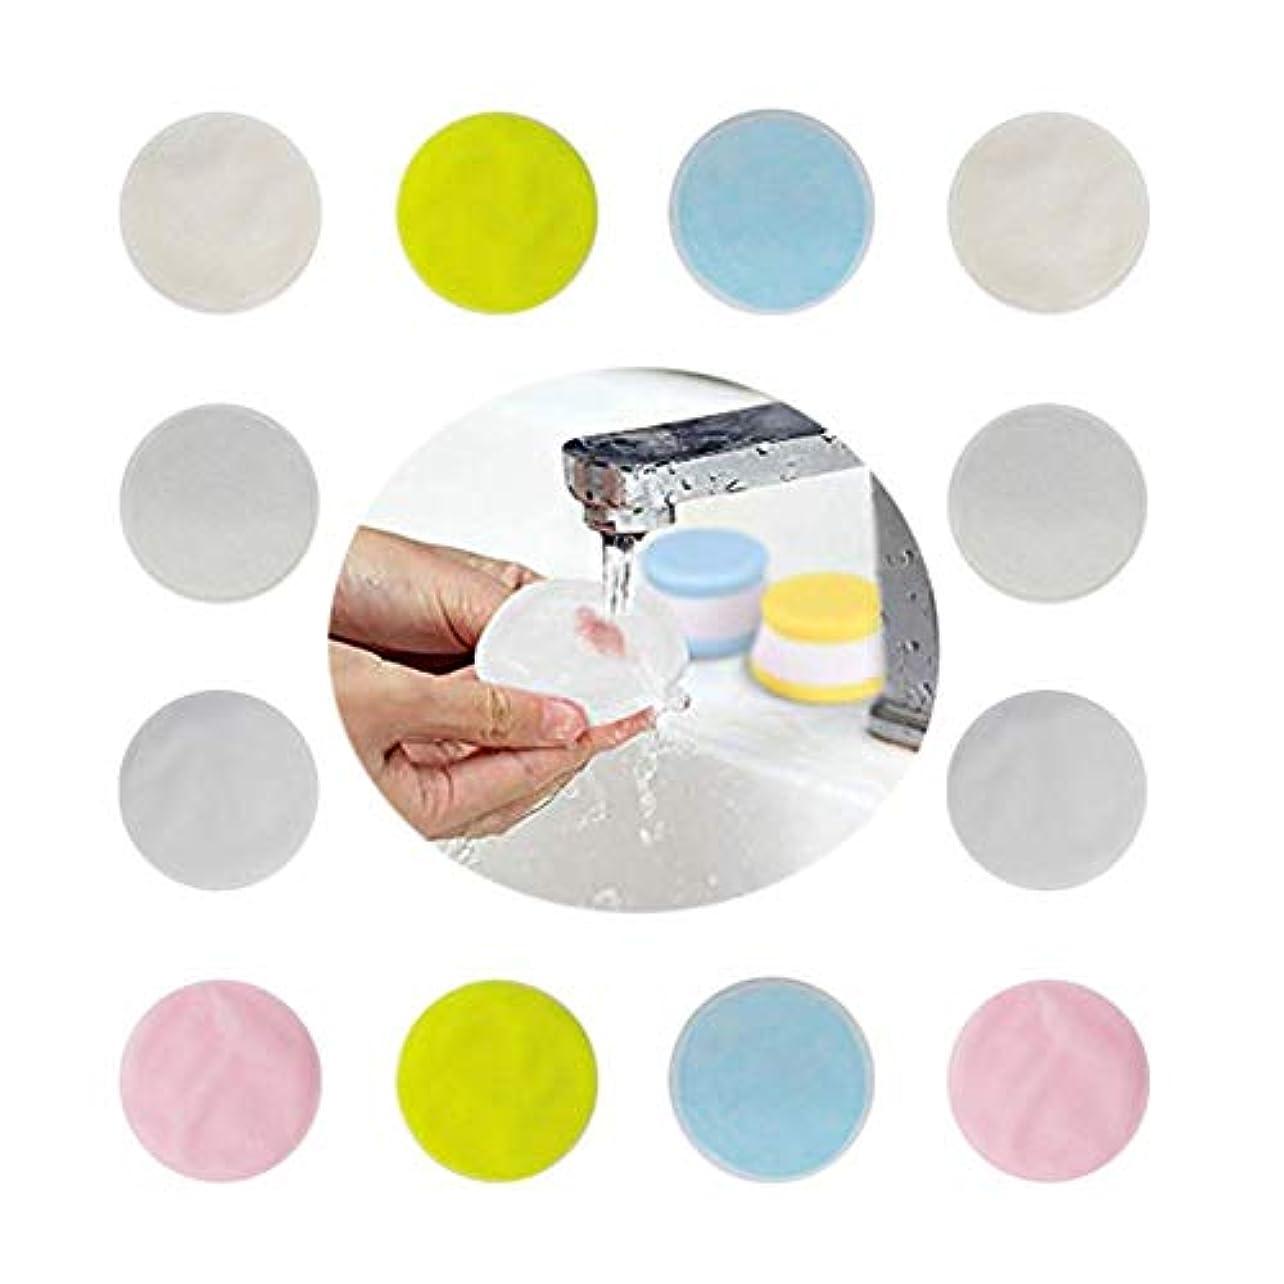 チップ正確な親10 / bag 8cm二重層竹繊維ベルベット化粧落とし洗えると再利用可能な洗顔美容と美??容ケアツール